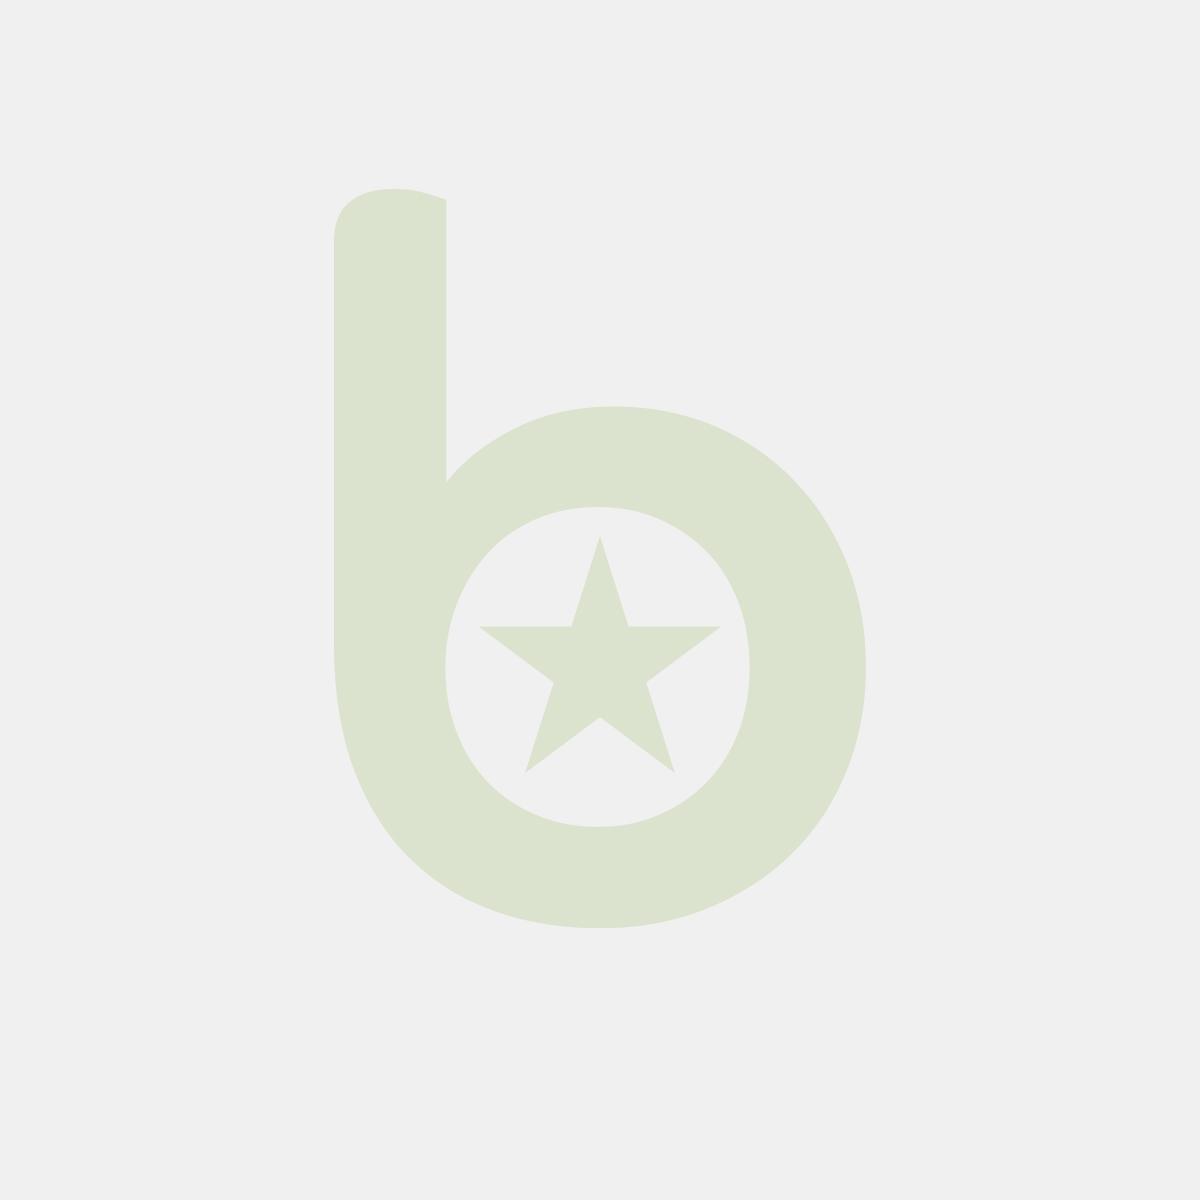 Etui-koperta na sztućce, 20 x 8,5 cm, opakowanie 520 szt., czarny z kolorową serwetką